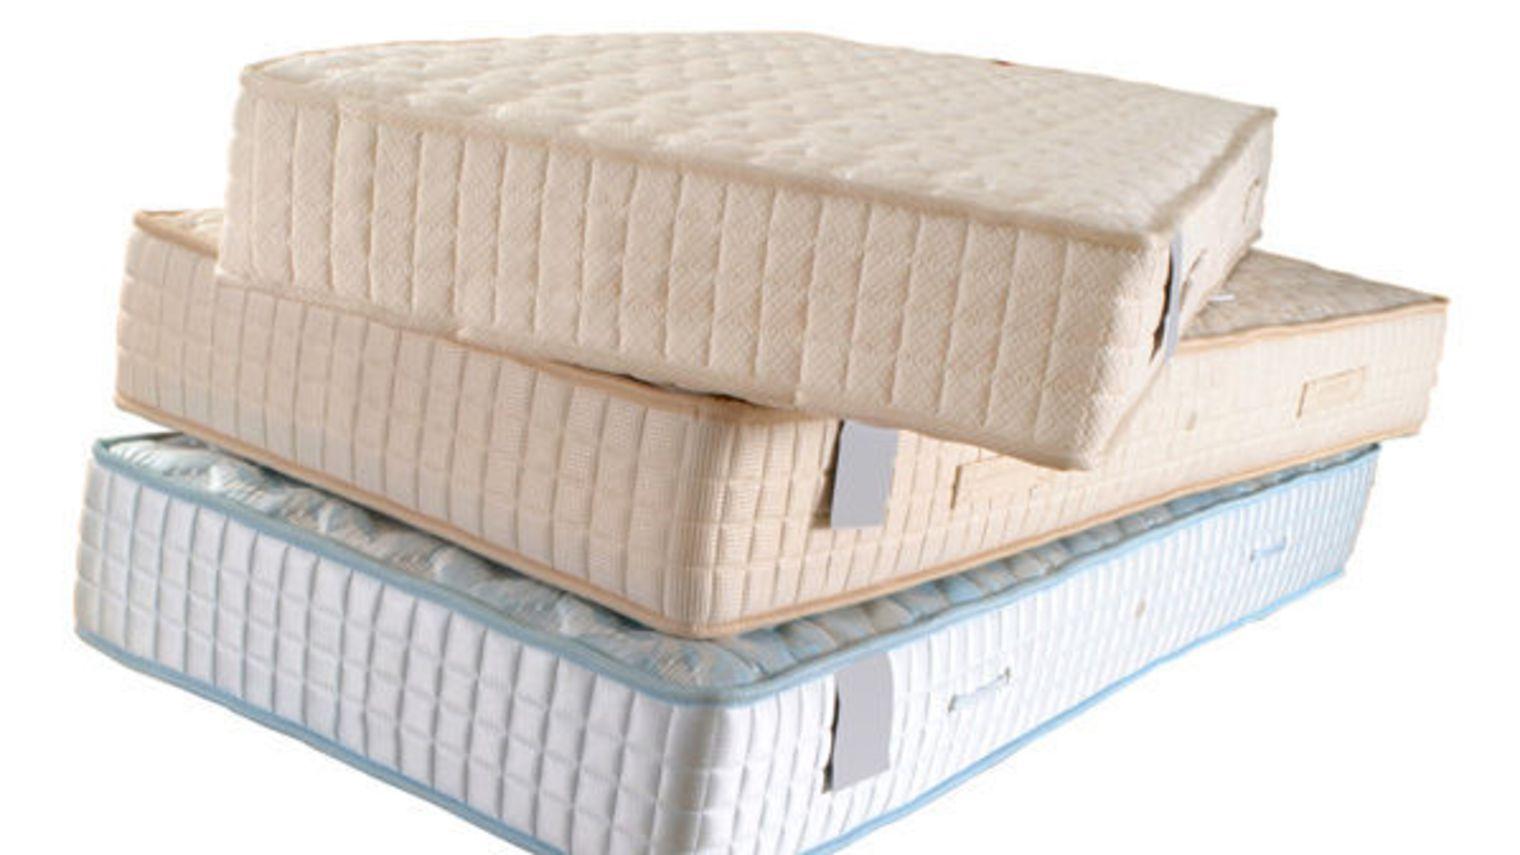 quelle marque de matelas choisir guide d 39 achat matelas. Black Bedroom Furniture Sets. Home Design Ideas